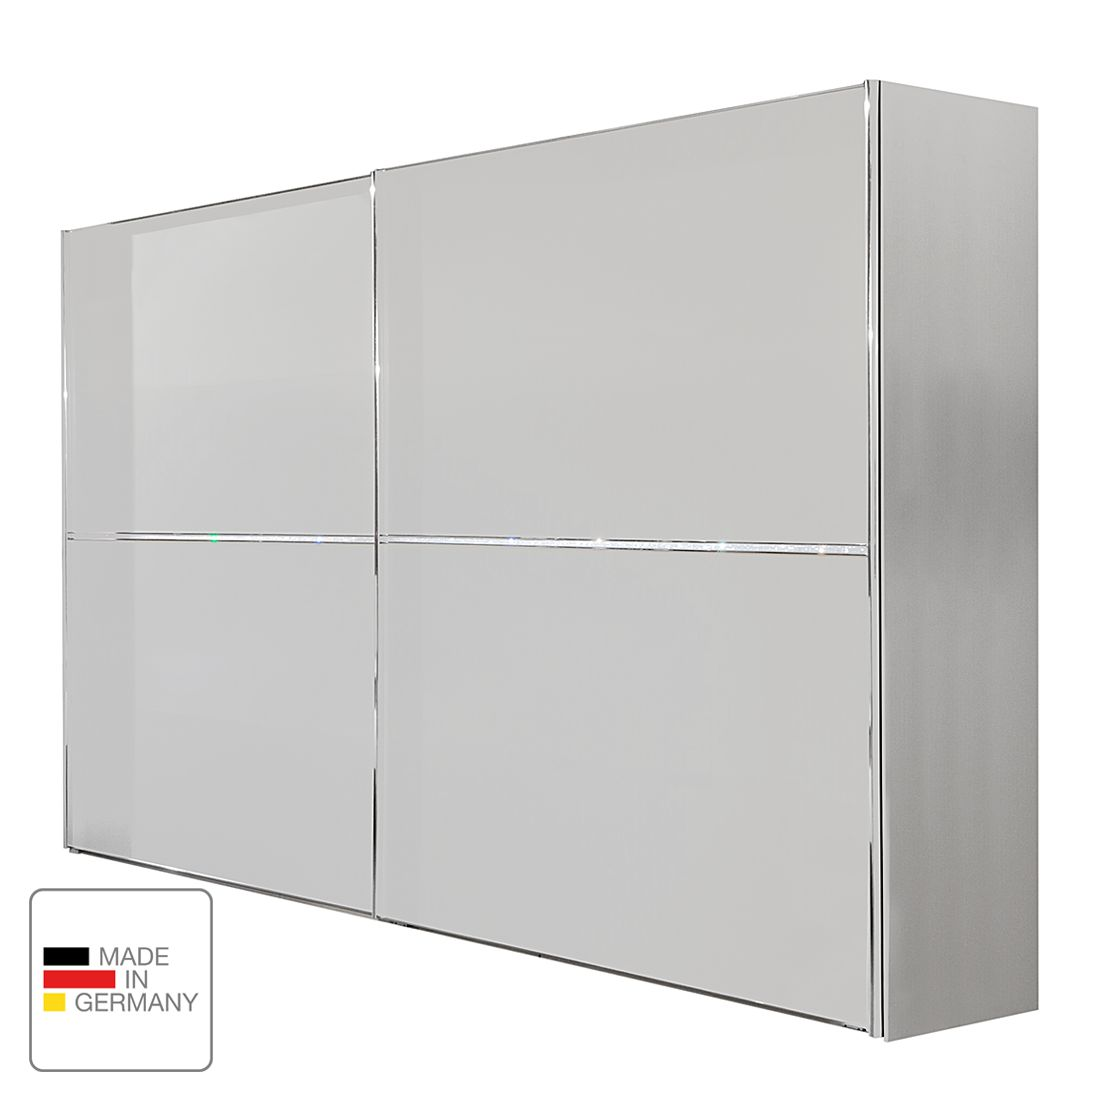 Armoire à portes coulissantes Dubai I - Blanc alpin - 200 cm (2 portes) - Sans cadre passepartout, W